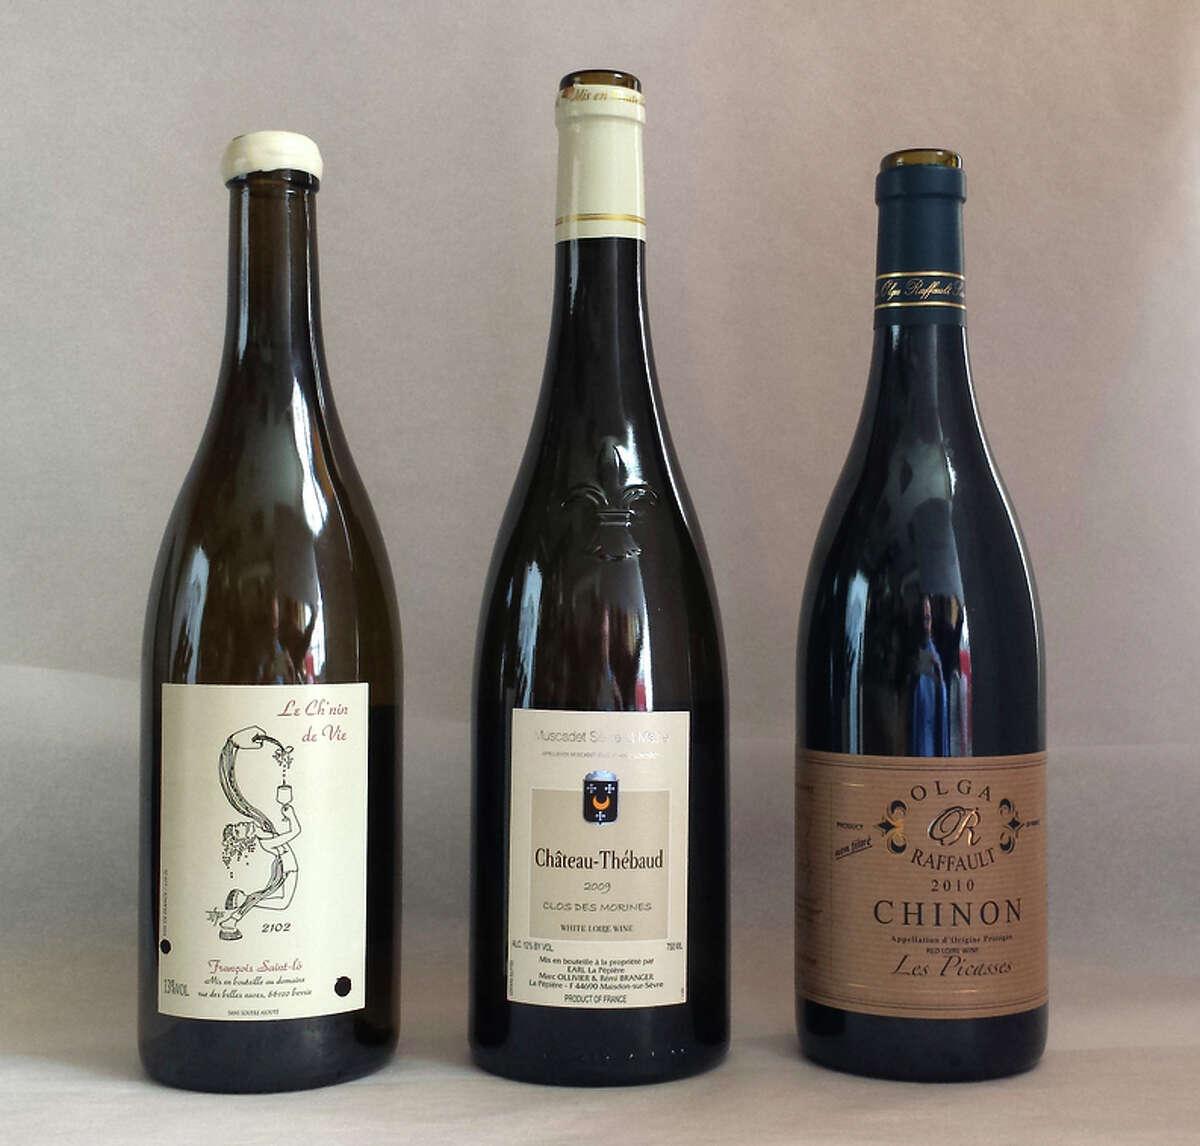 François Saint-Lô Le Ch'nin de Vie 2102 Vin de France; 2009 Domaine de la Pépière Clos des Morines Muscadet; and 2010 Olga Raffault Les Picasses Chinon